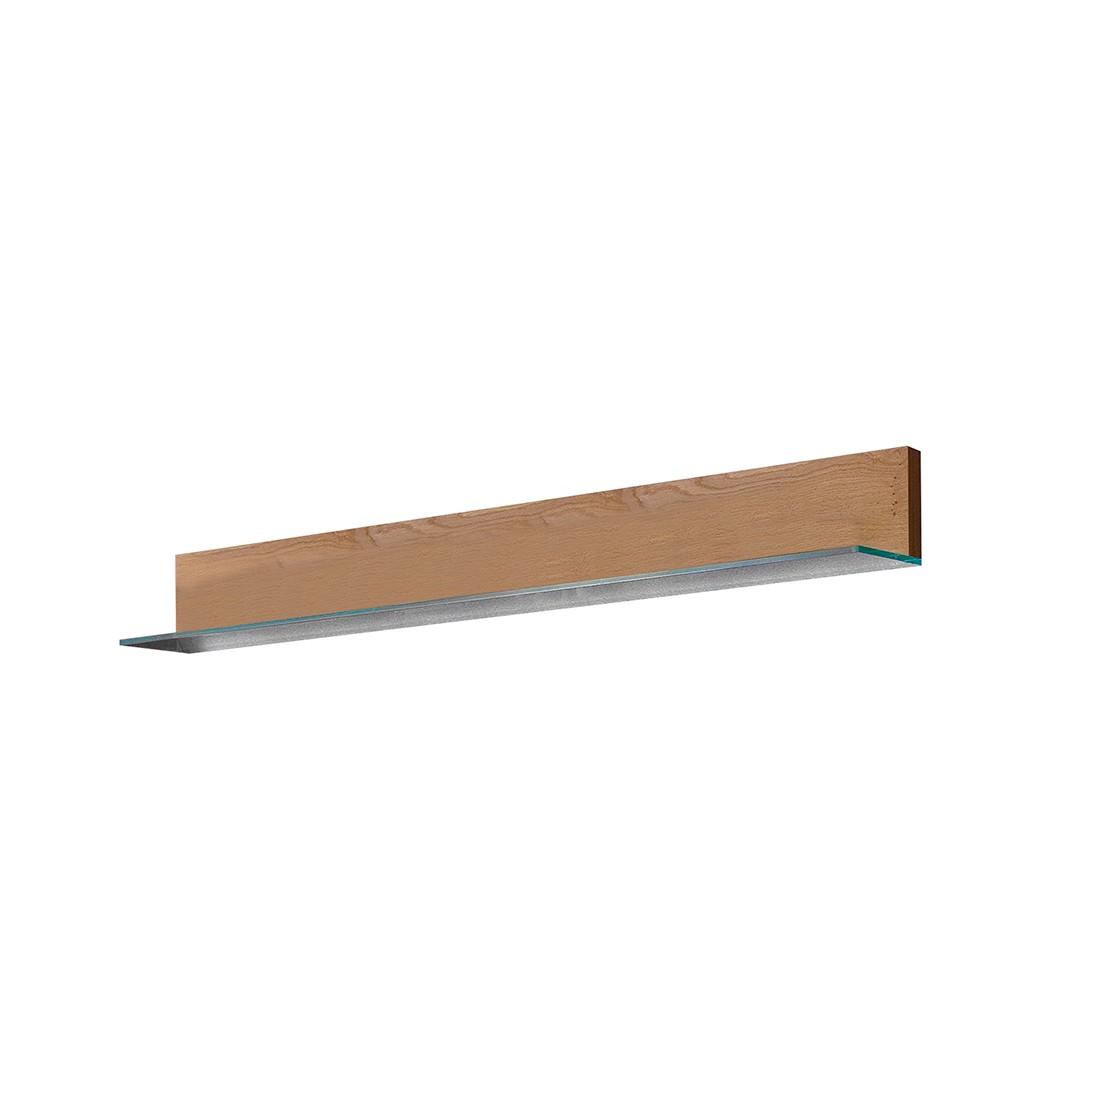 Wandboard Rio – Wildeiche teilmassiv – Ohne Beleuchtung – Wildeiche – 130 cm, Felke bestellen